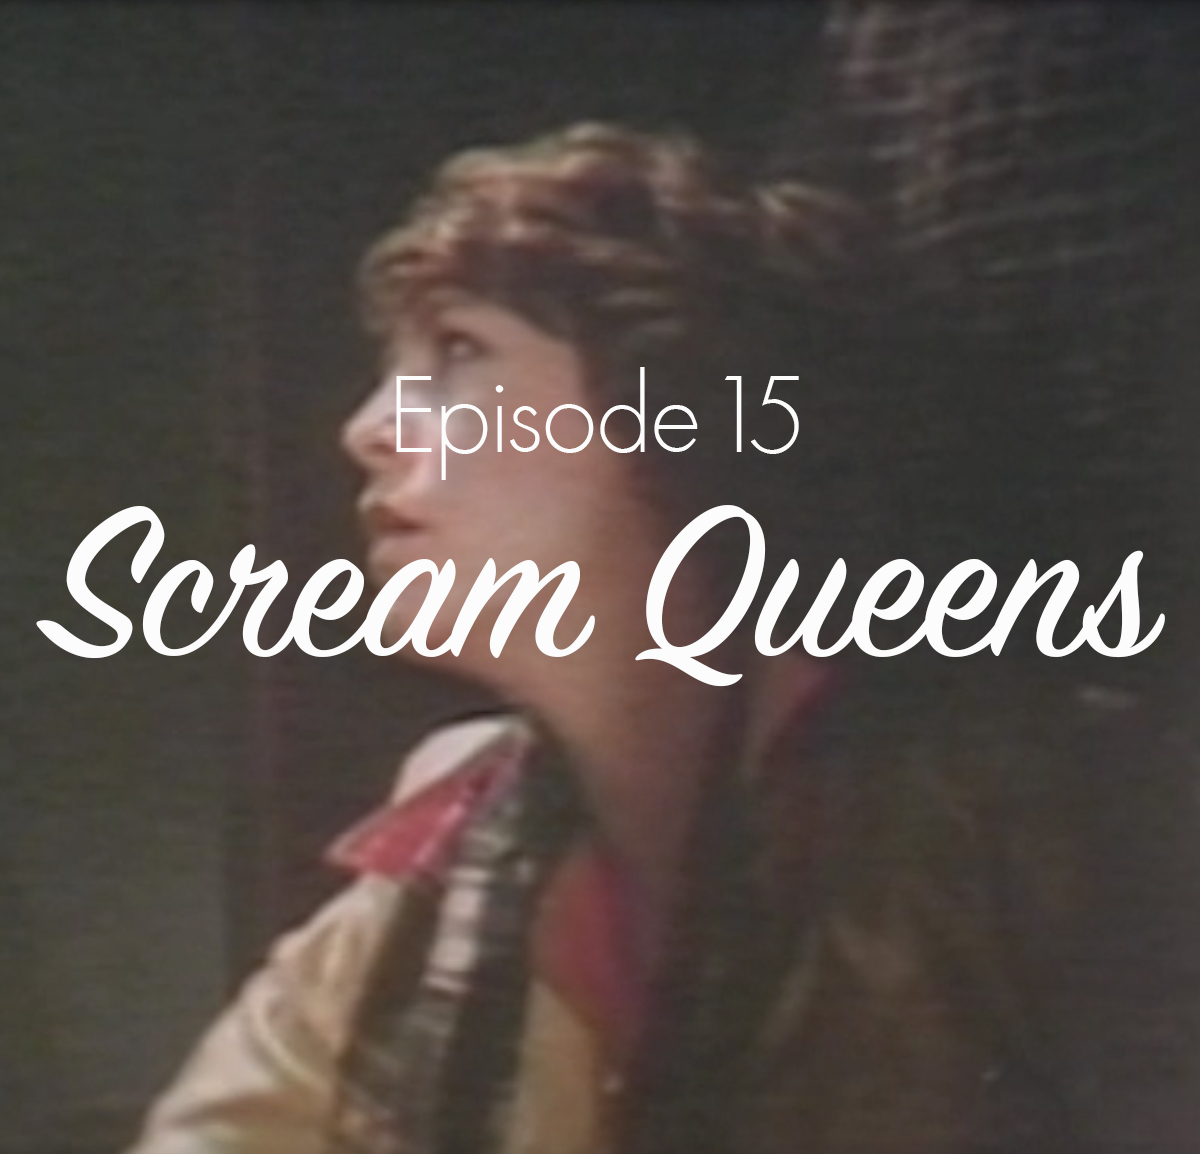 100 Years of Horror brings you stories of scream queens like jamie lee curtis